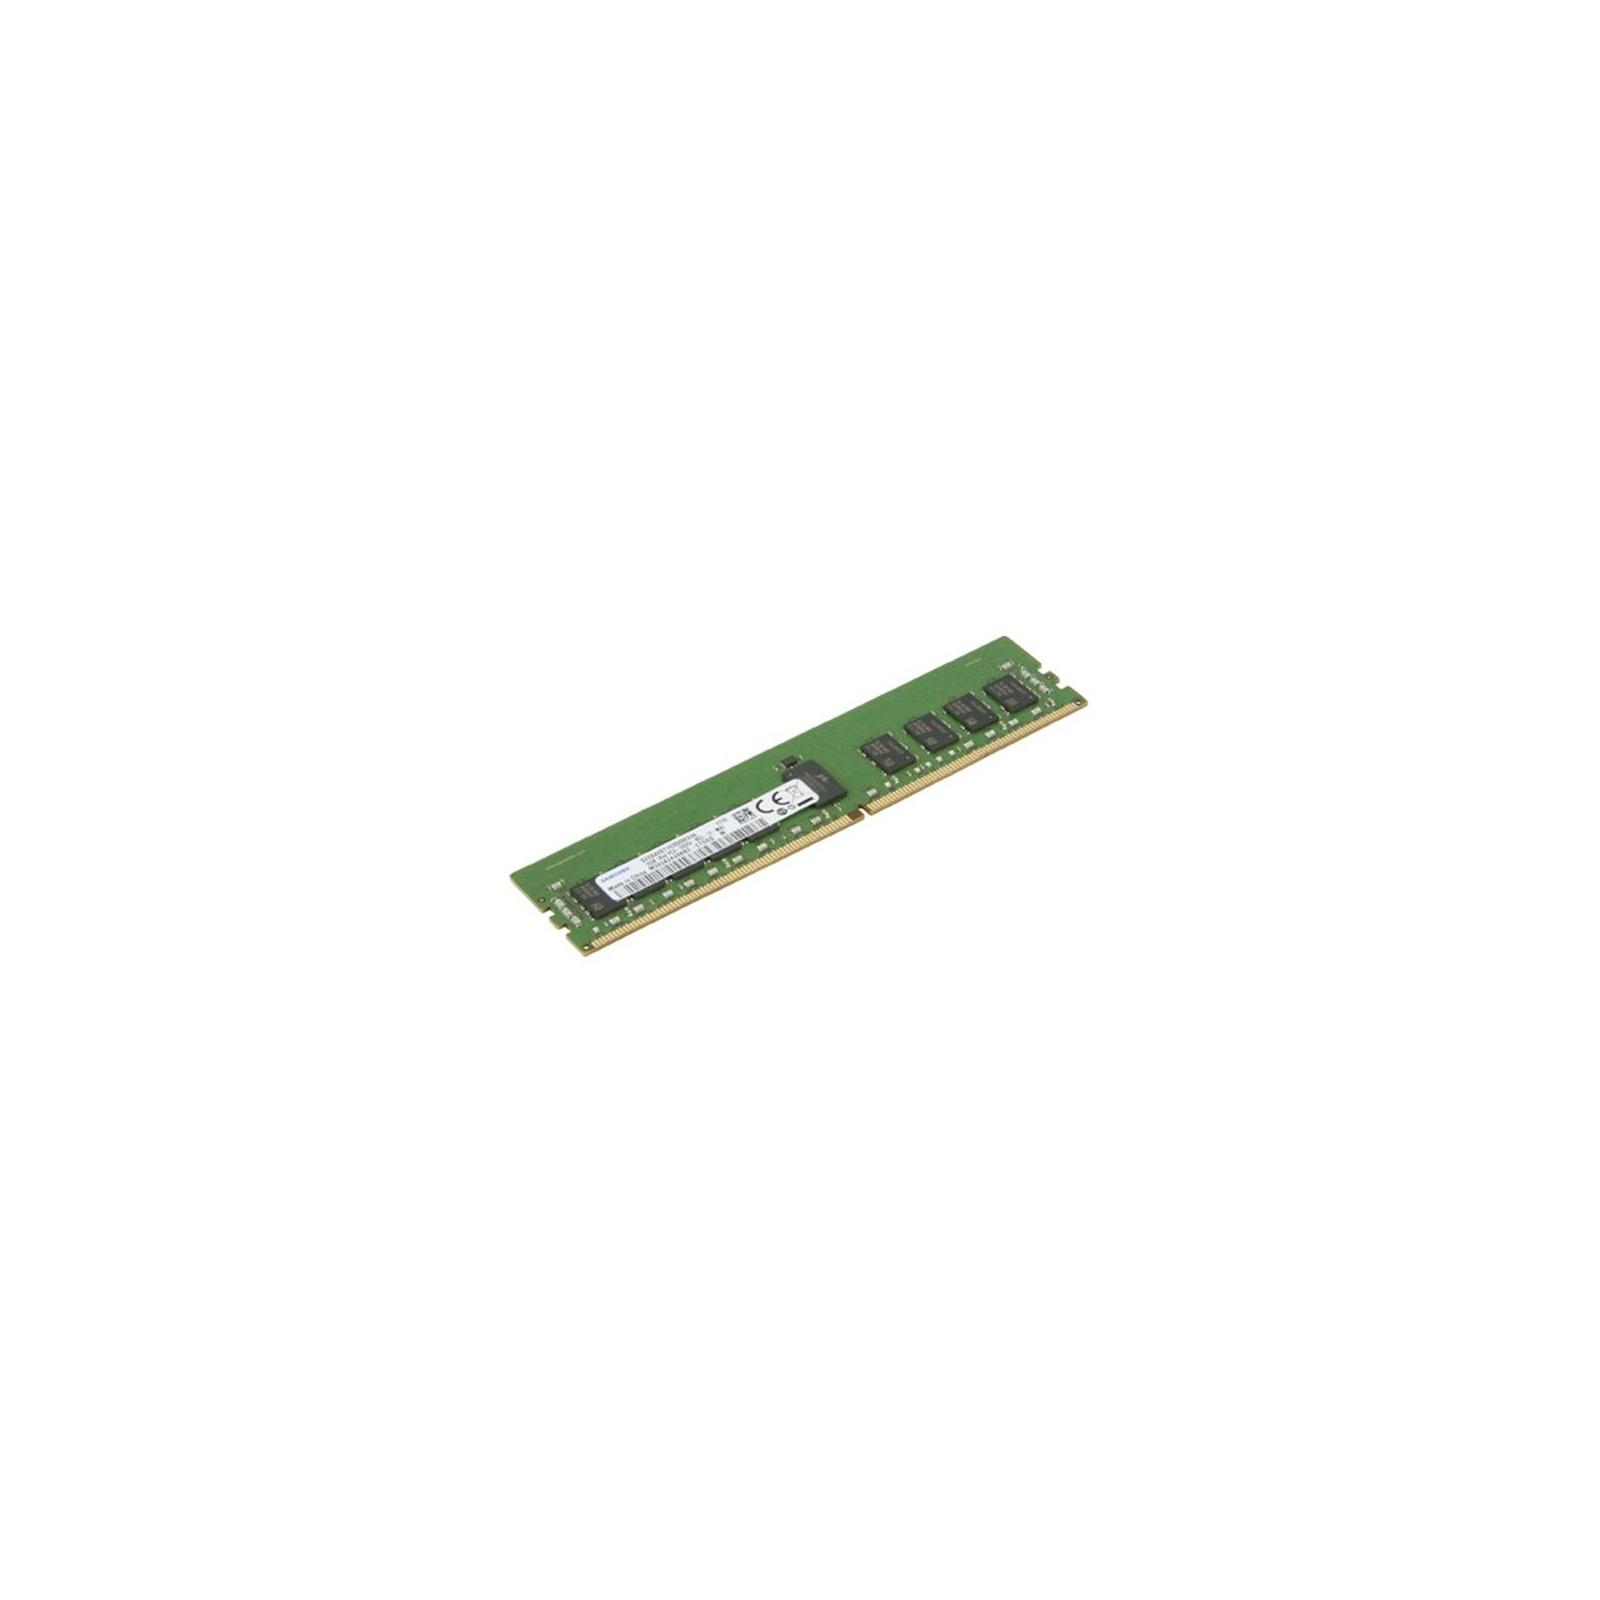 Модуль памяти для сервера DDR4 16GB ECC RDIMM 2666MHz 1Rx4 1.2V CL19 Samsung (M393A2K40BB2-CTD)